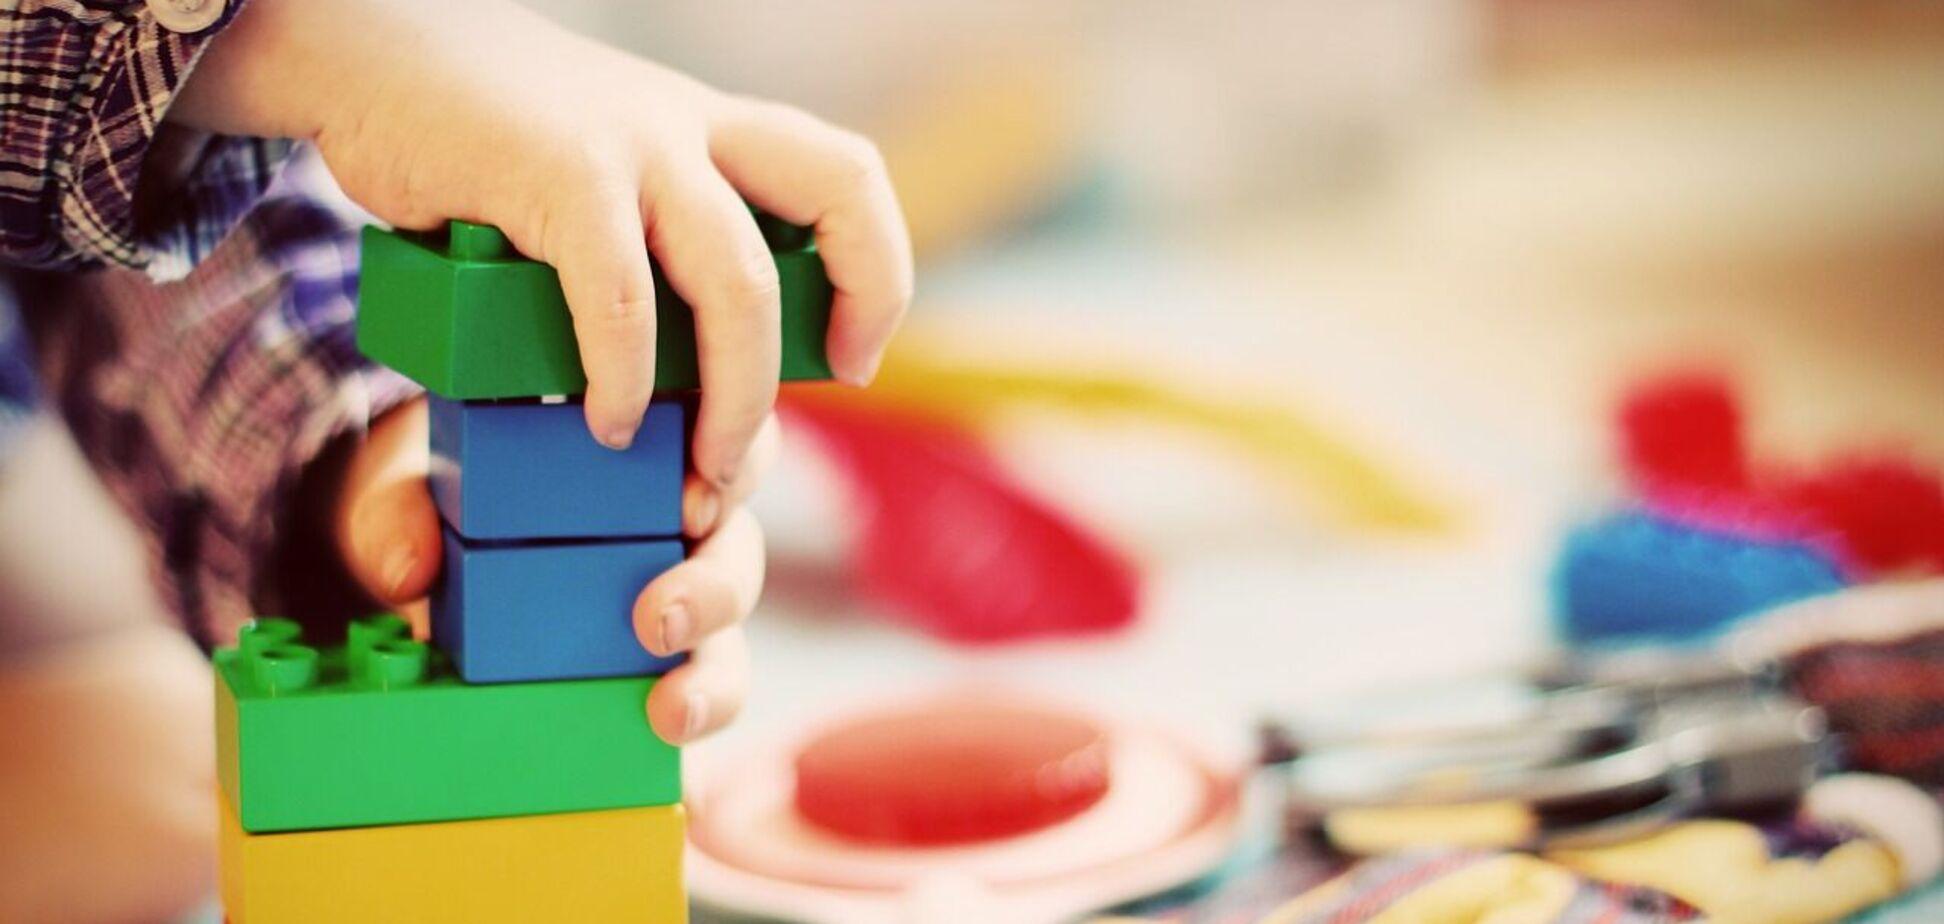 У дитячих іграшках виявили шкідливі речовини, які можуть викликати рак